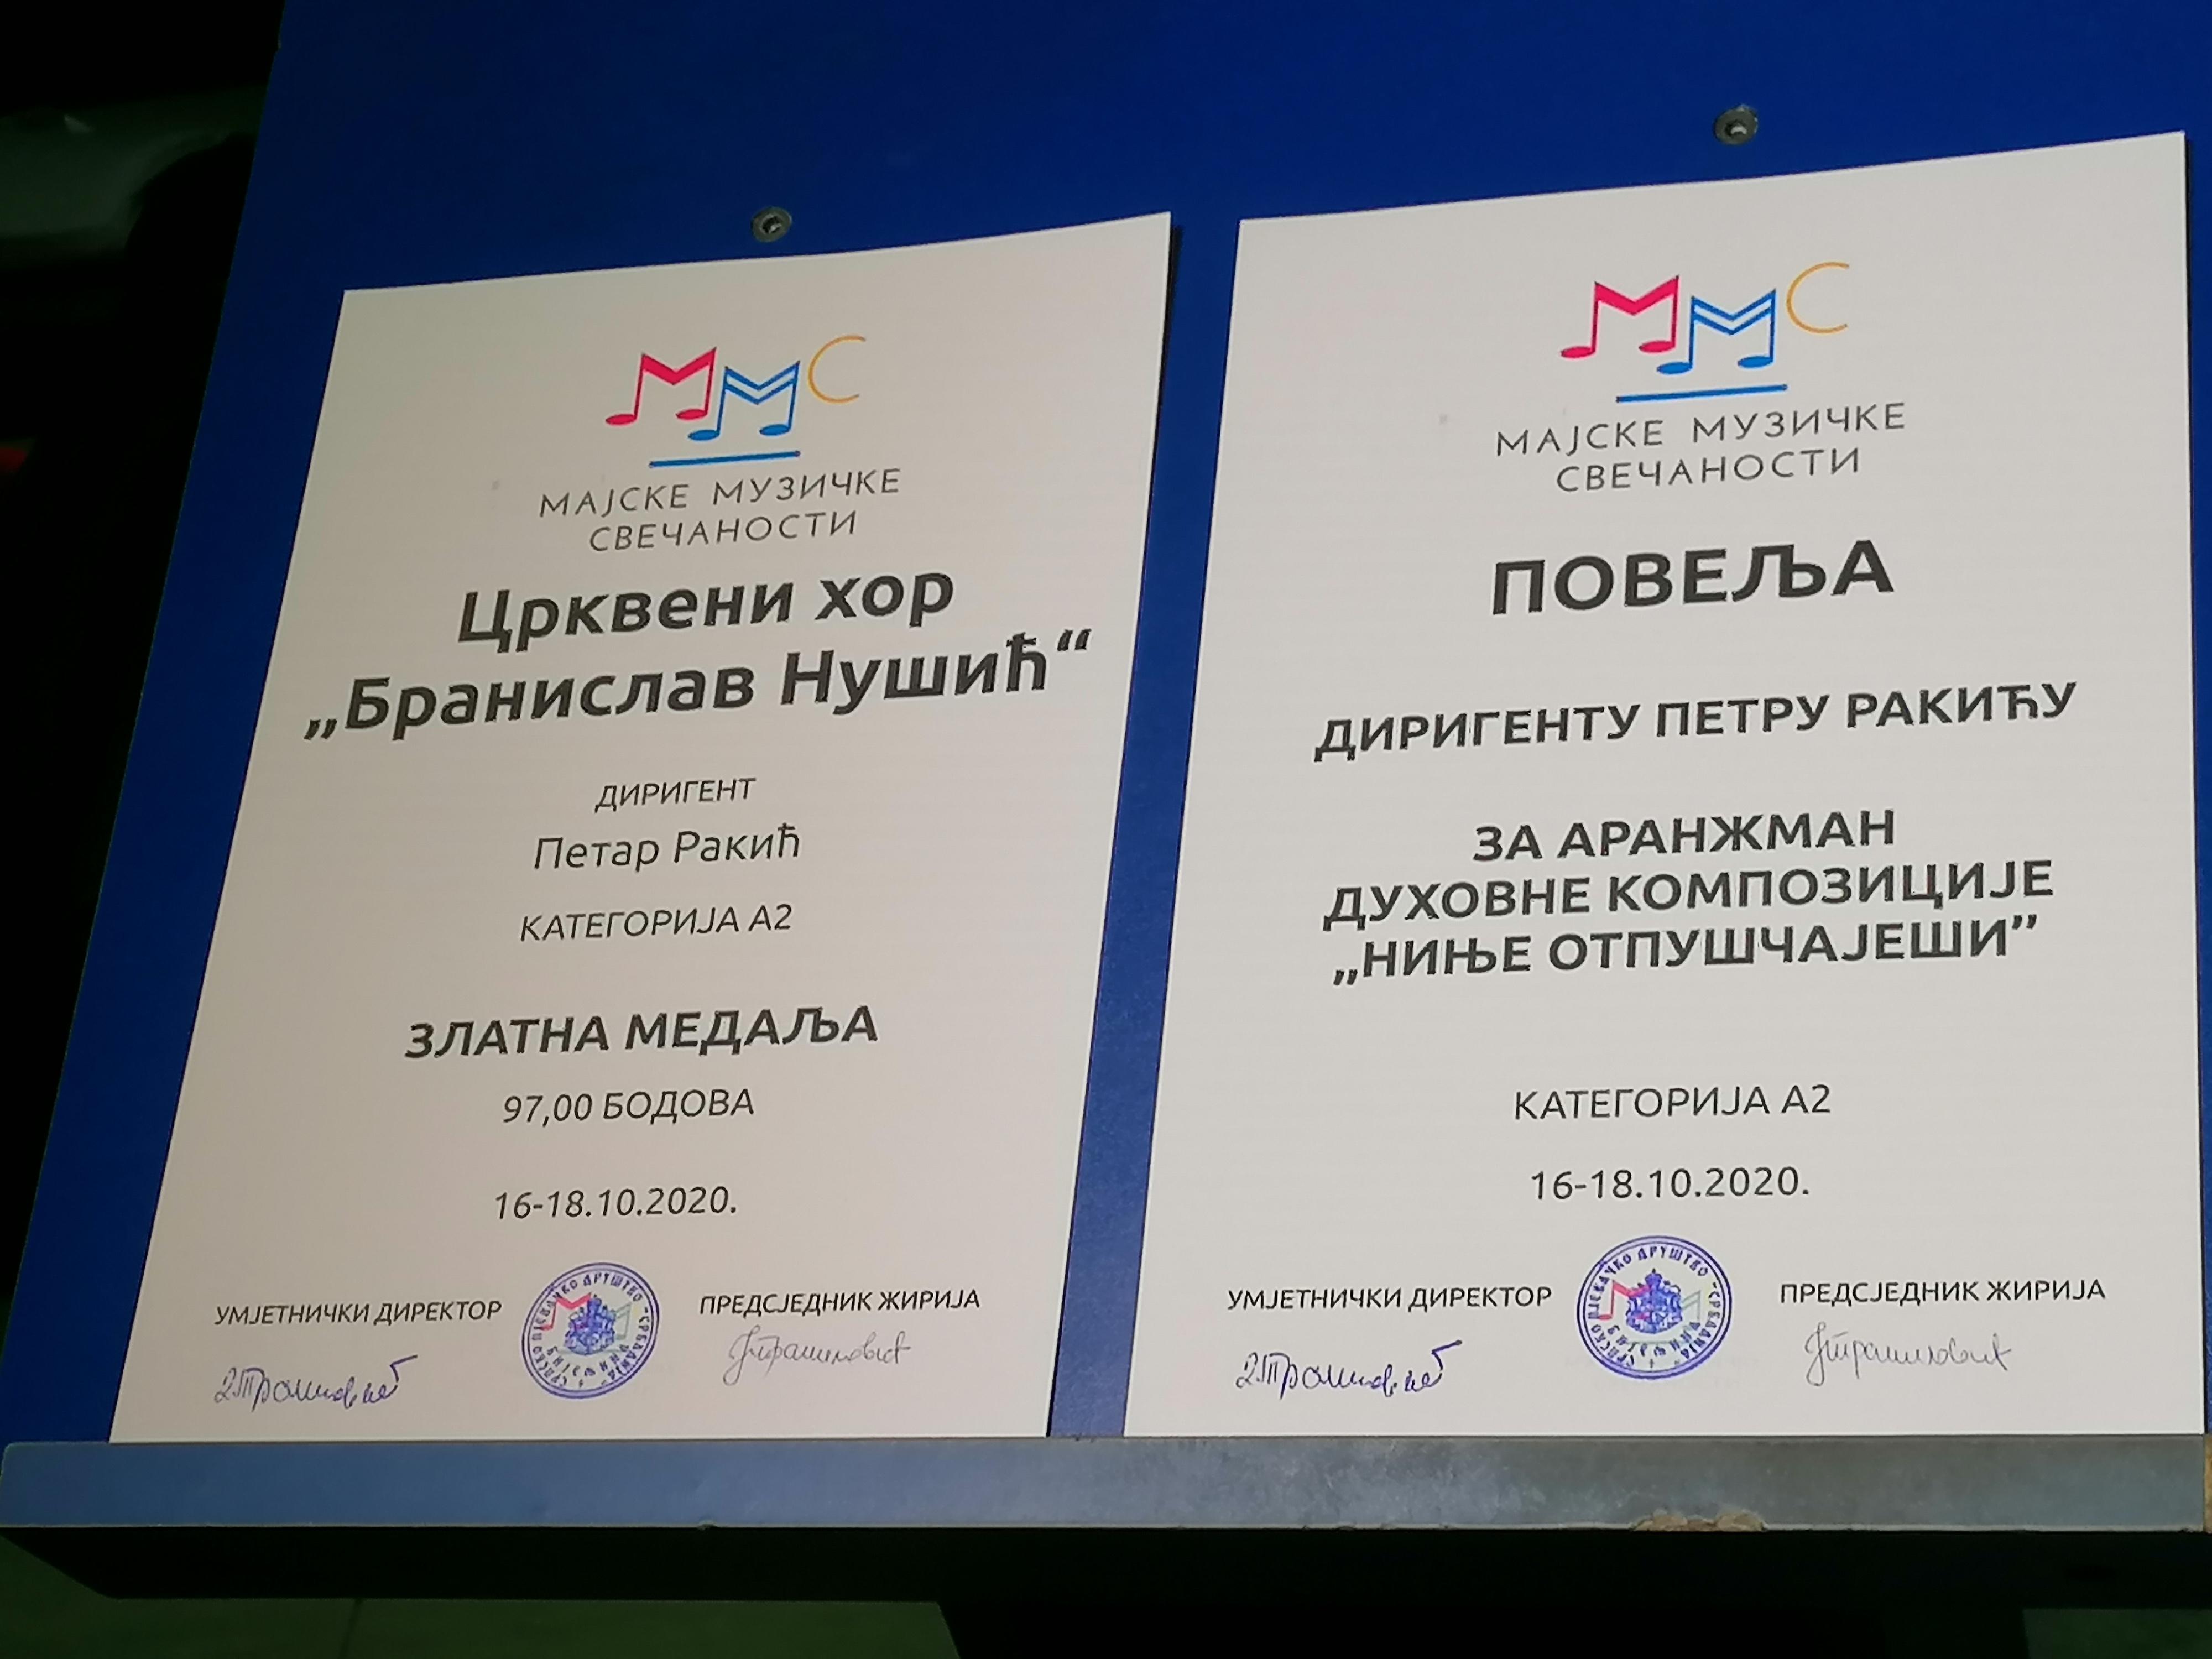 Prestižne muzičke nagrade i priznanja za Kosovsku Mitrovicu